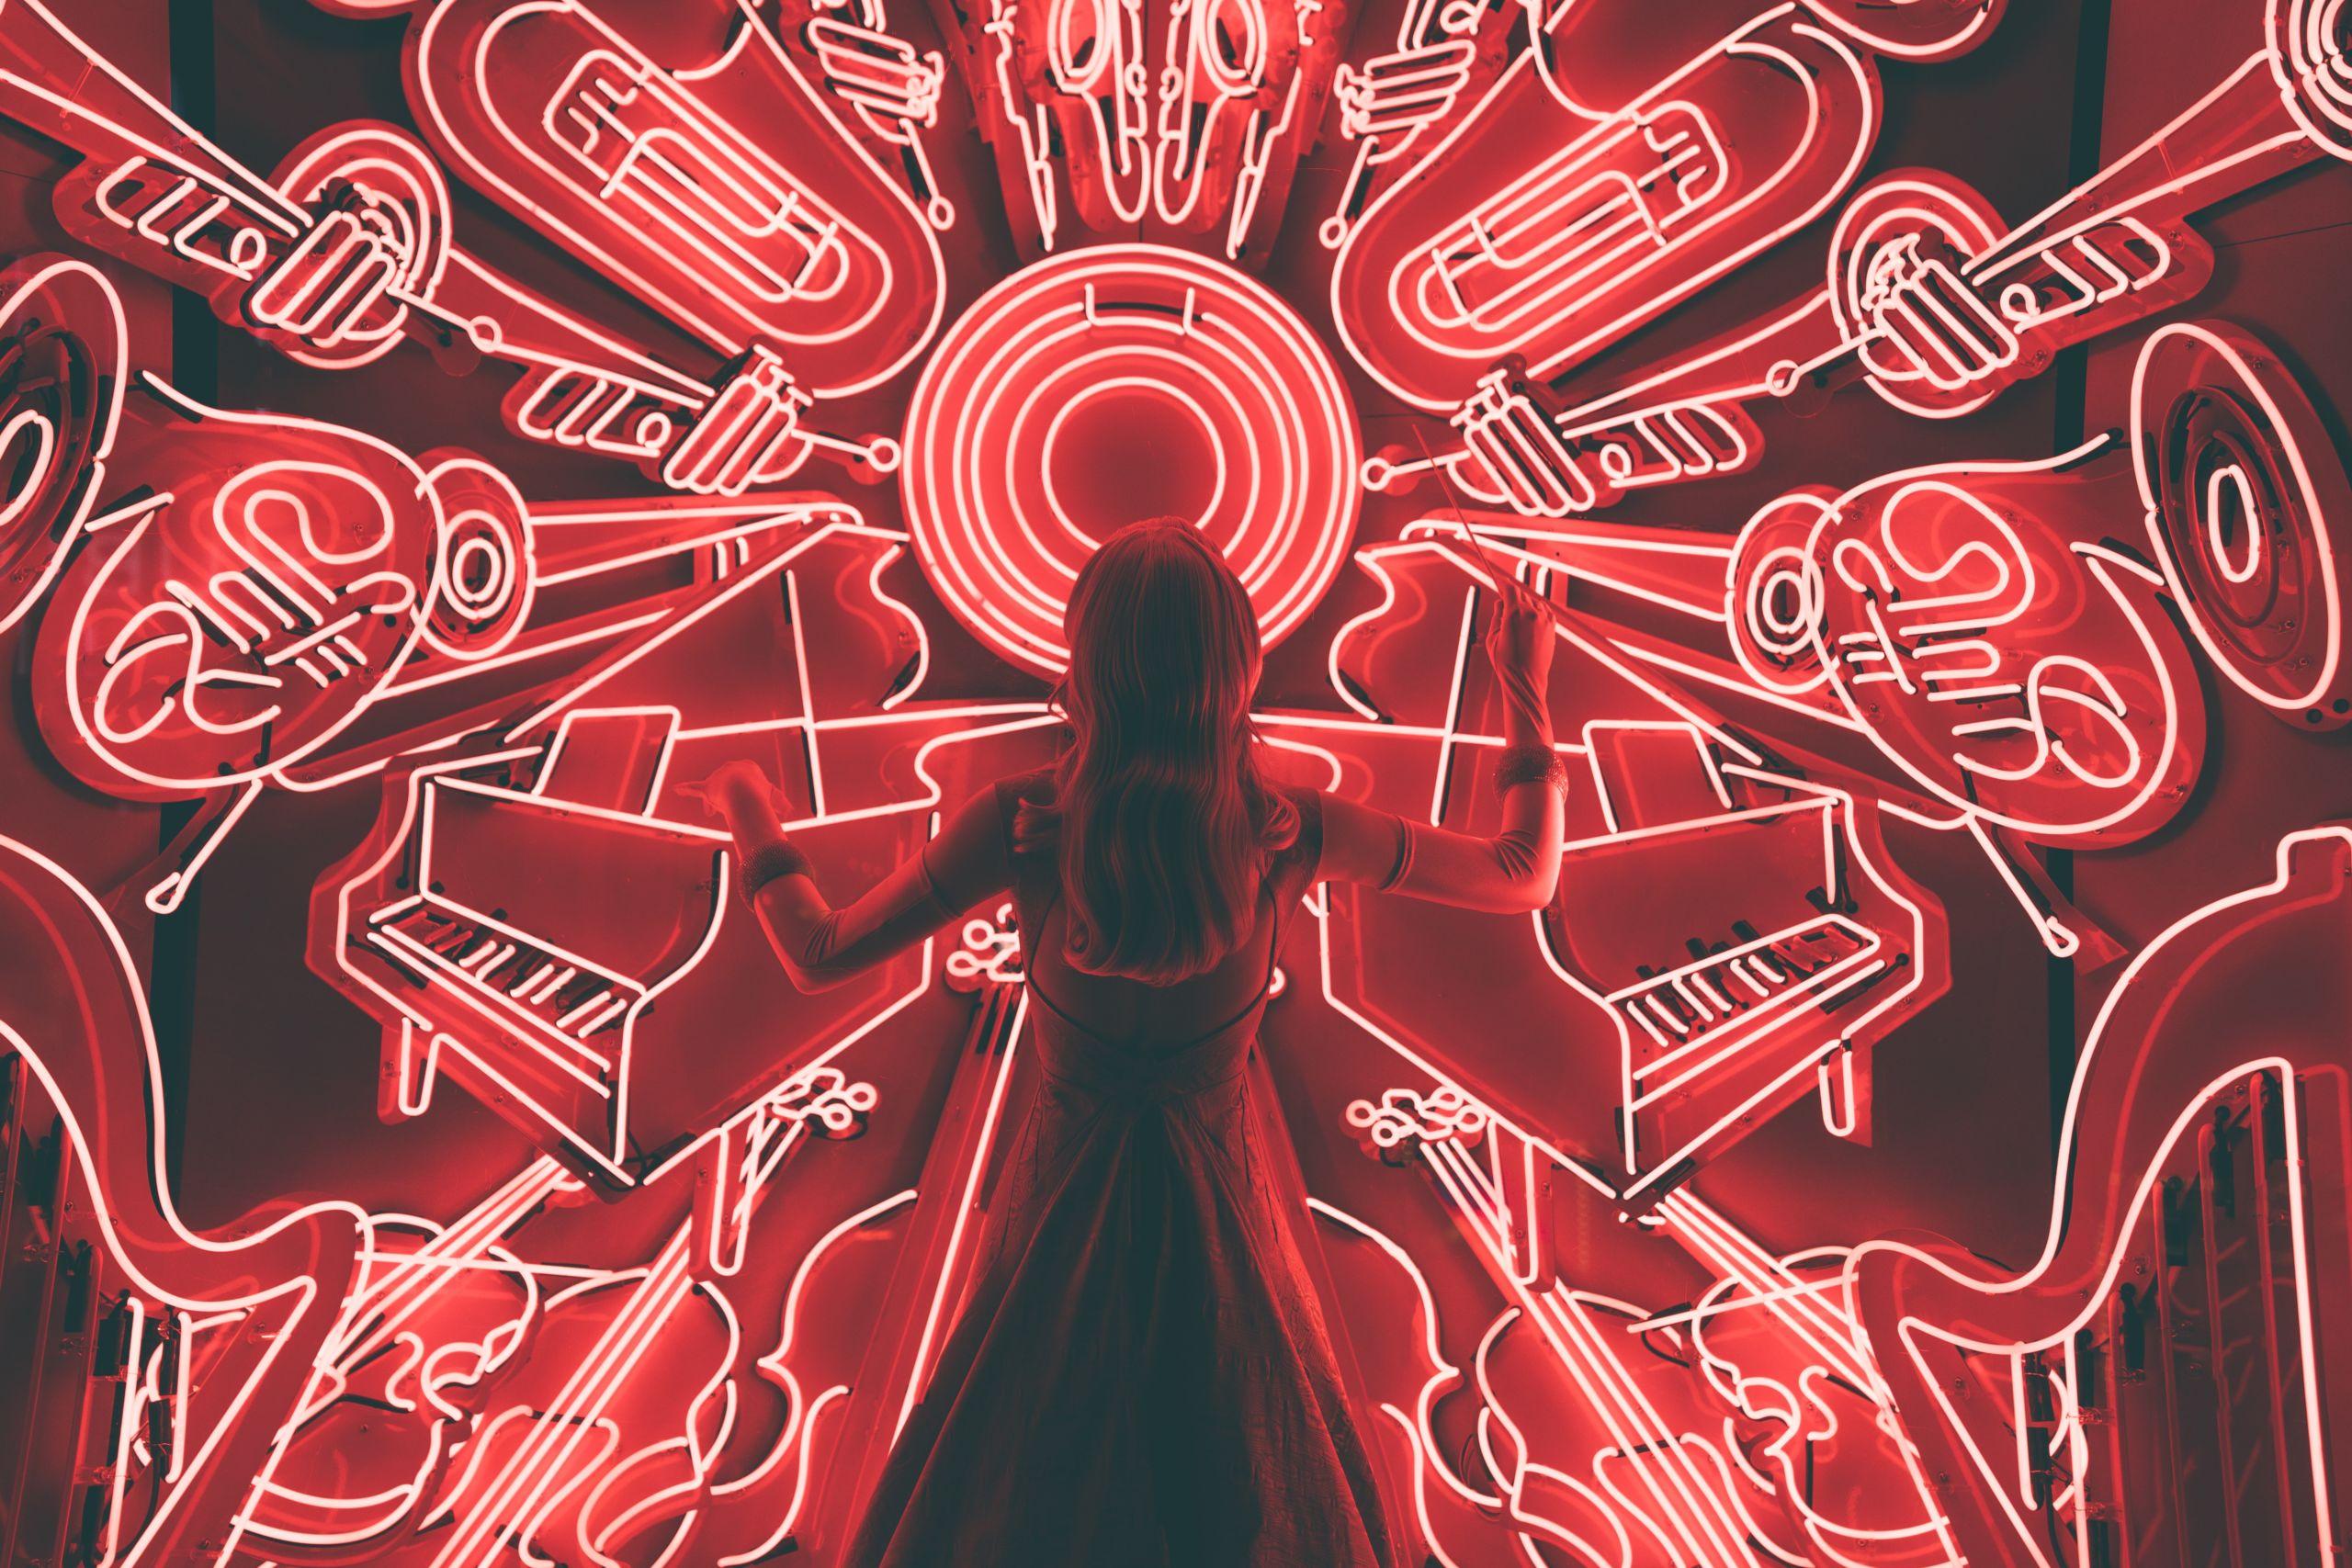 Eine Person steht vor einer Wand mit leuchtenden, gemalten Instrumenten, die rot leuchten.